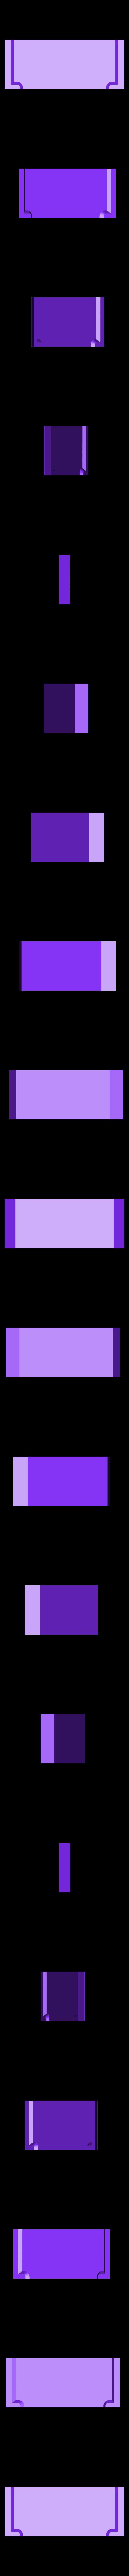 1x_Housing_top.stl Télécharger fichier STL gratuit Réducteur industriel à couple conique / Réducteur à engrenages (version en coupe) • Objet pour imprimante 3D, LarsRb